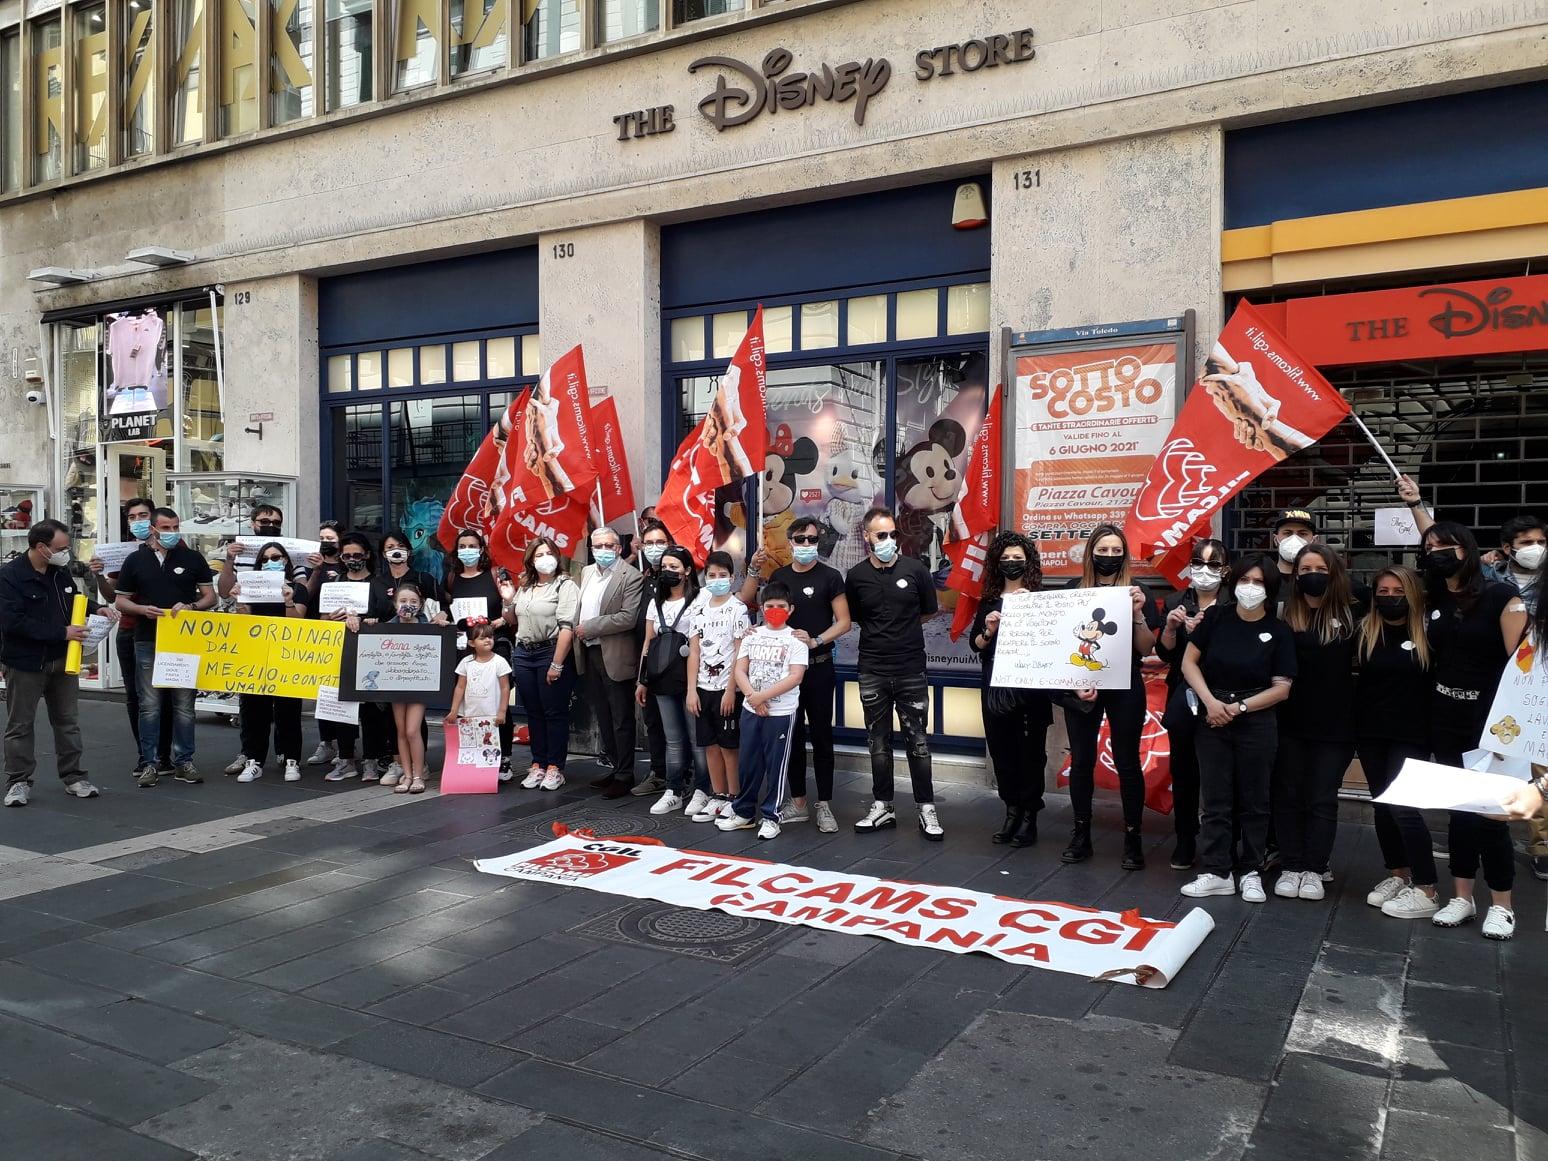 Disney porta via lavoro, sogni e magia: chiudono i negozi, lasciati a casa 230 lavoratori. Tutta colpa delle vendite online